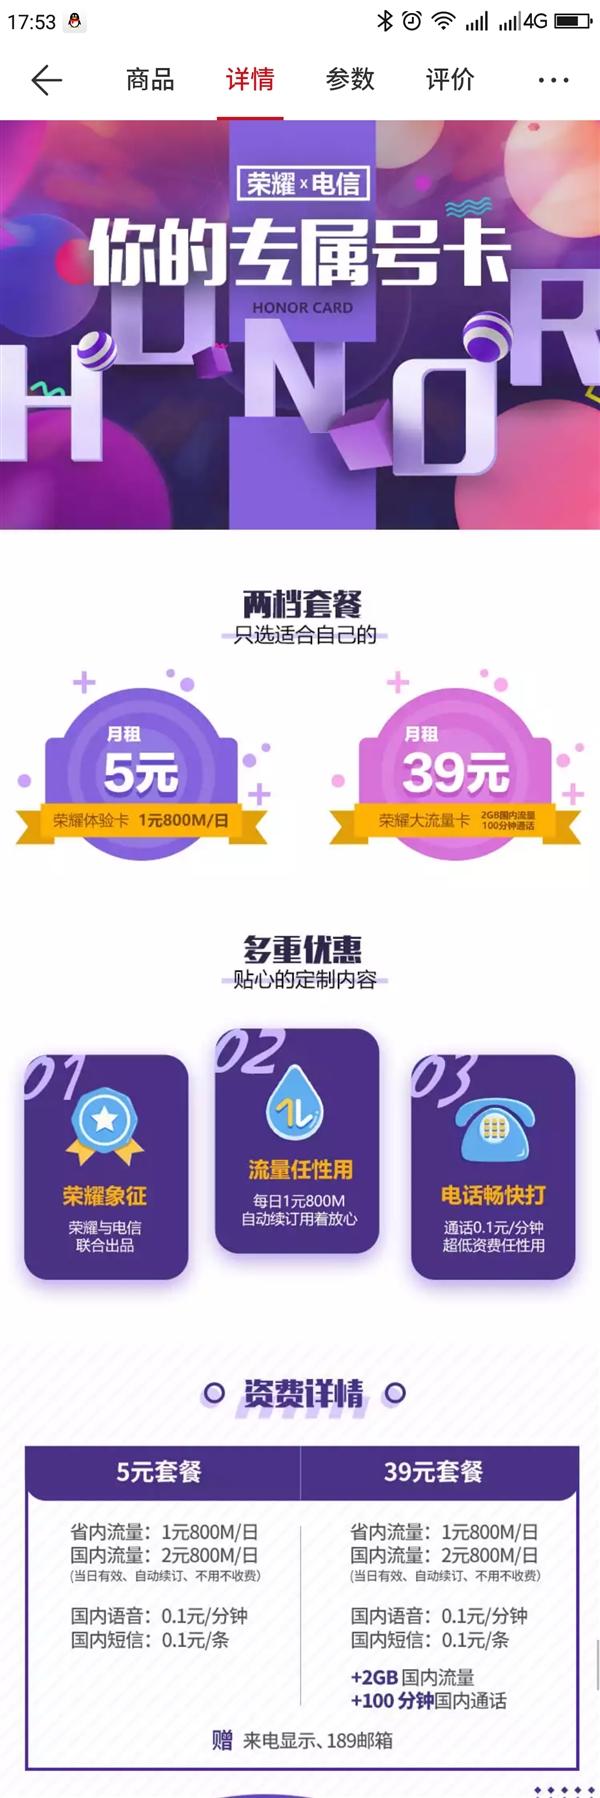 荣耀联合中国电信推出体验卡套餐:月租5元